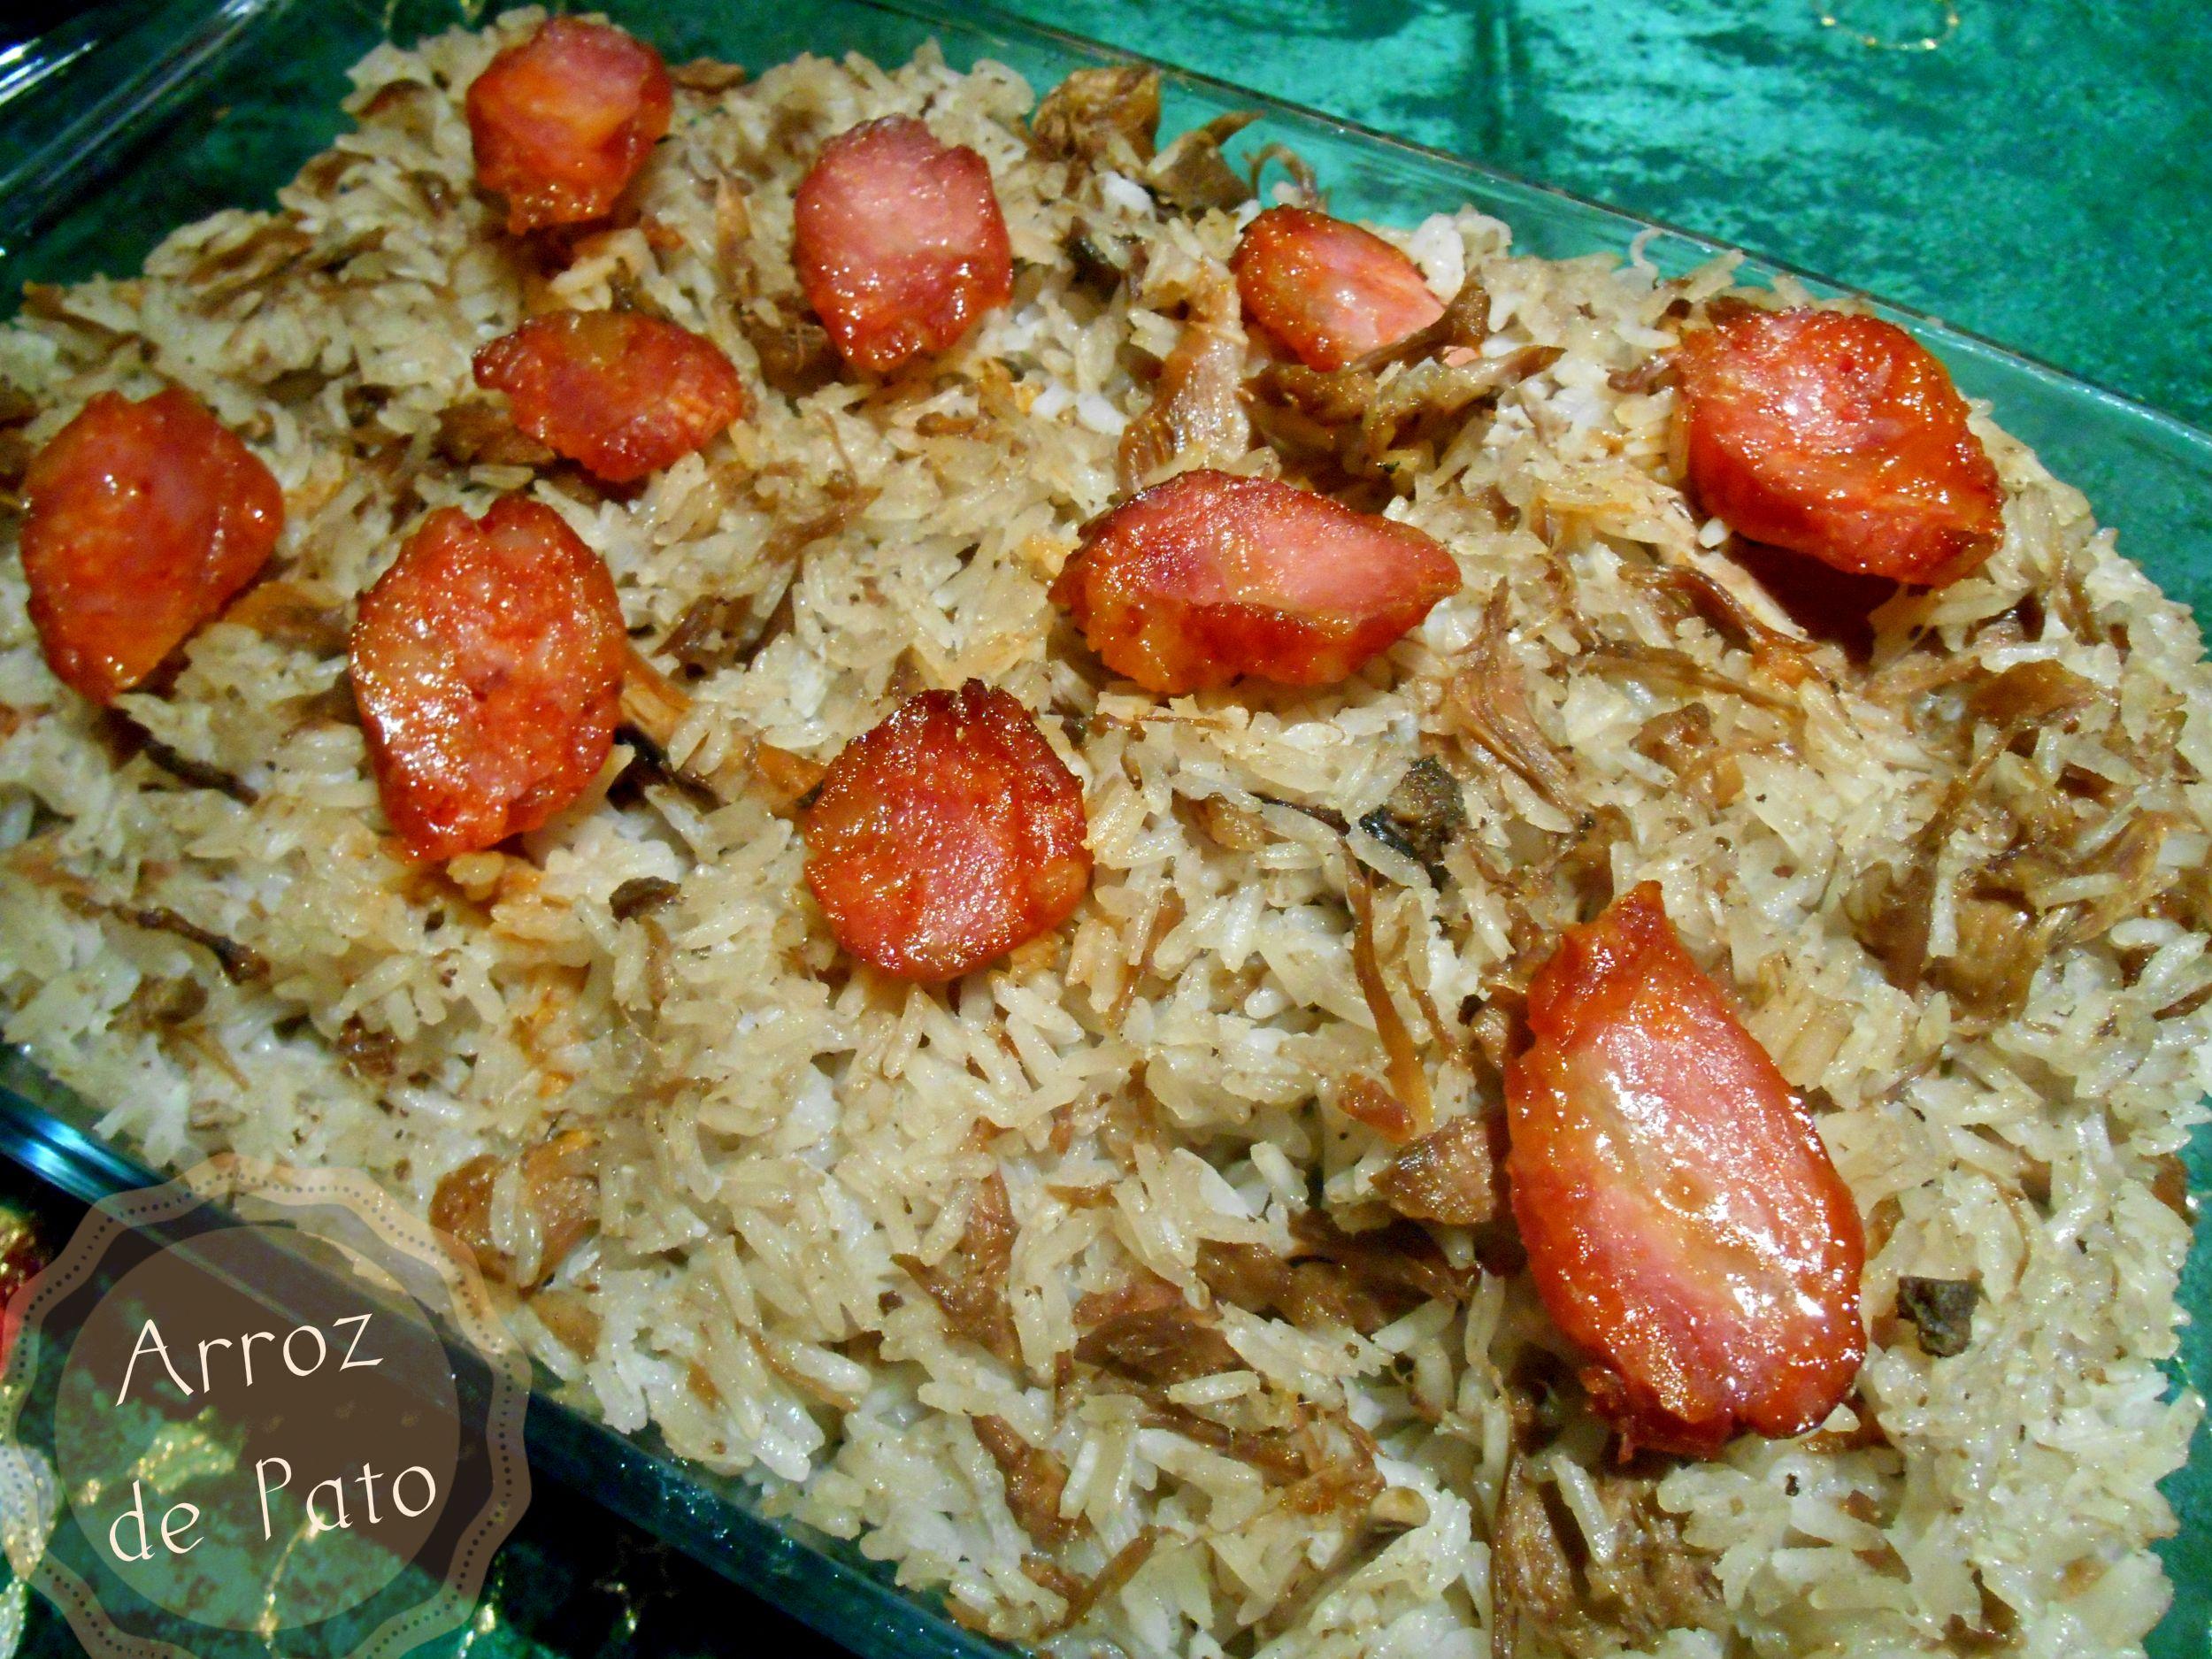 arrozdepato.jpg.jpg